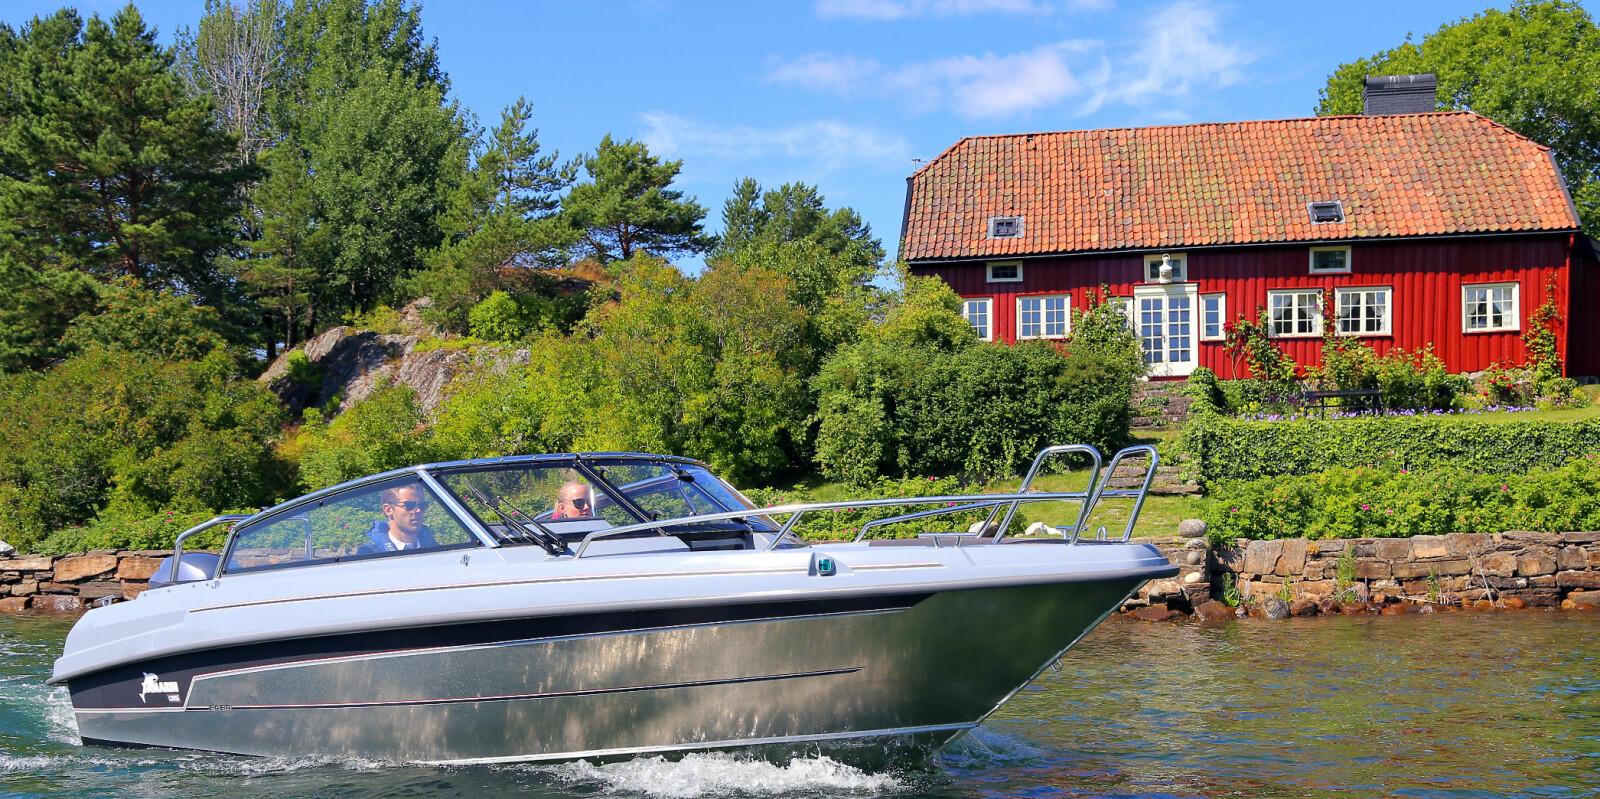 <b>GODT BÅTVALG:</b> Vi hjelper deg å finne riktig båttype til de gode dagene på sjøen. Her en Yamarin Cross 64 BR